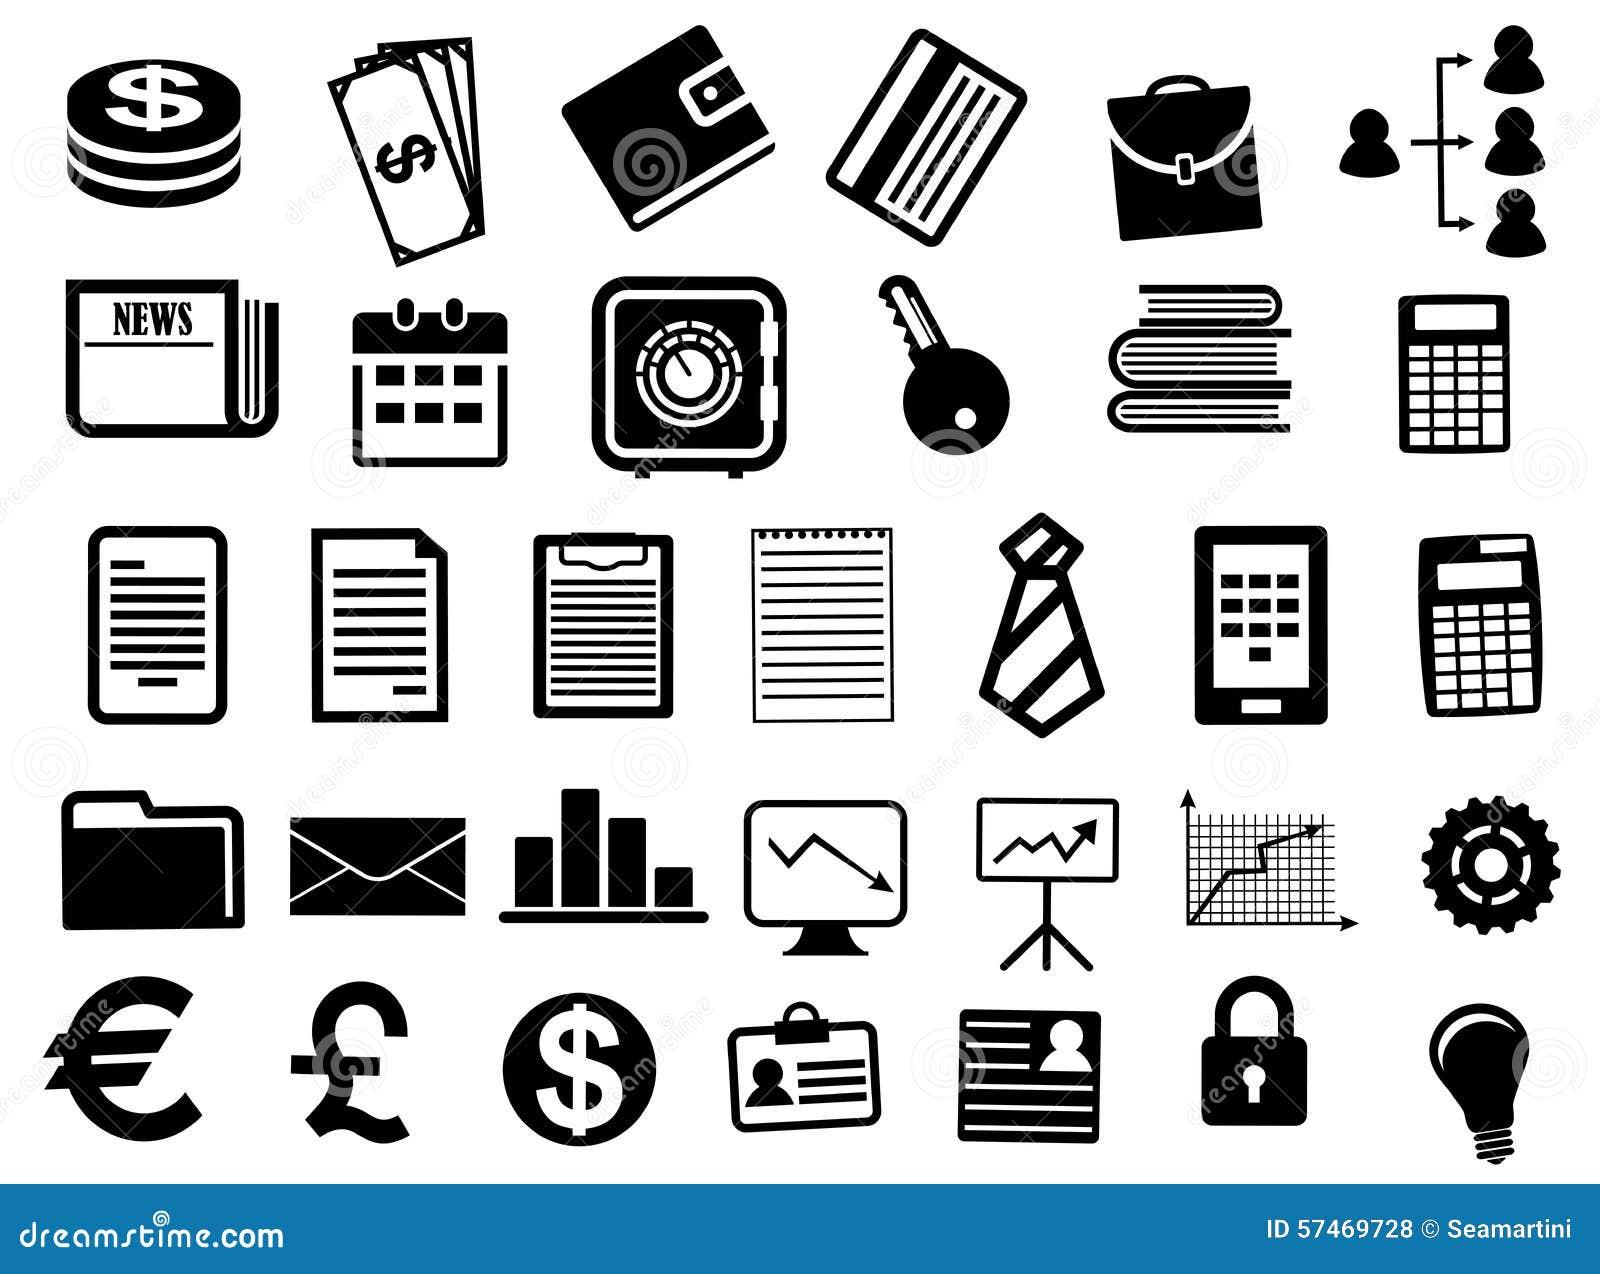 Enterprise Architecture Symbols